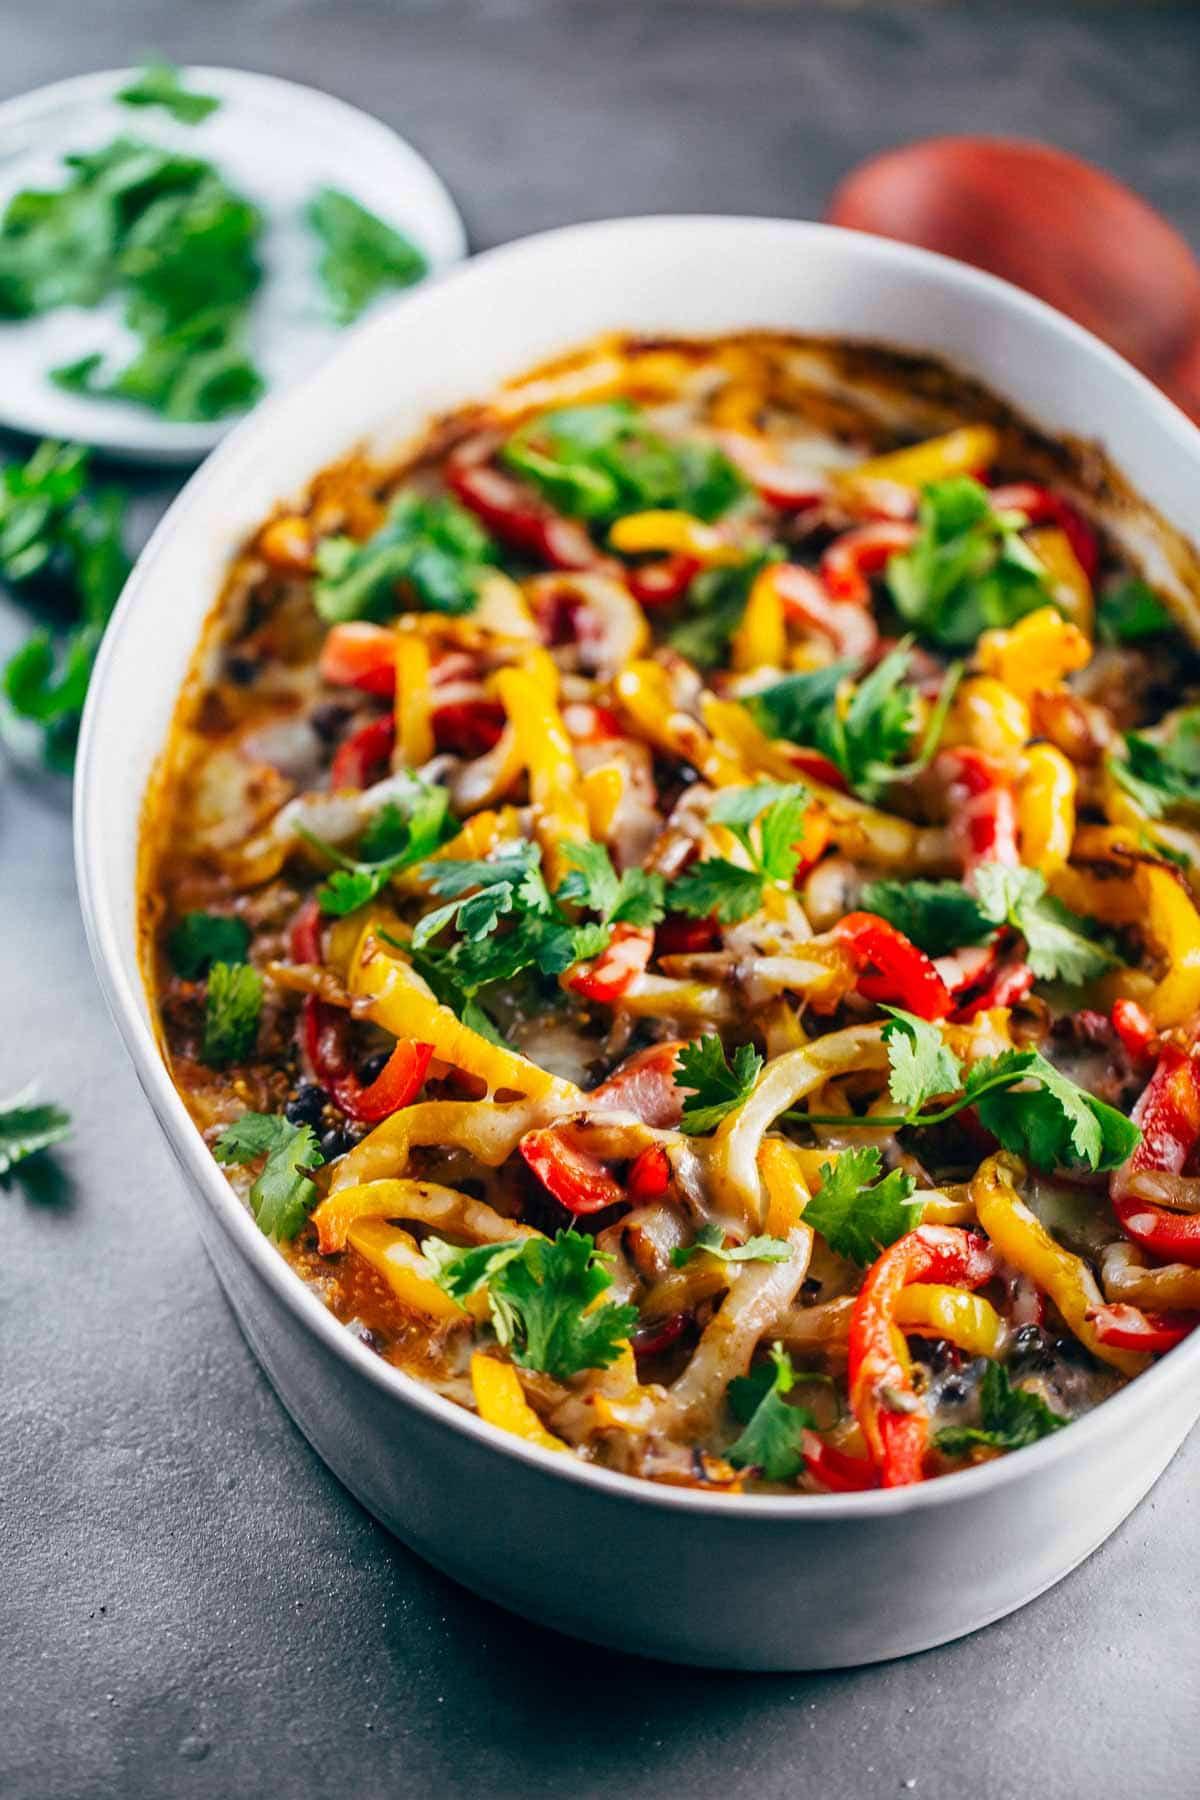 Healthy Quinoa Recipes  Easy Mexican Chicken Quinoa Casserole Recipe Pinch of Yum